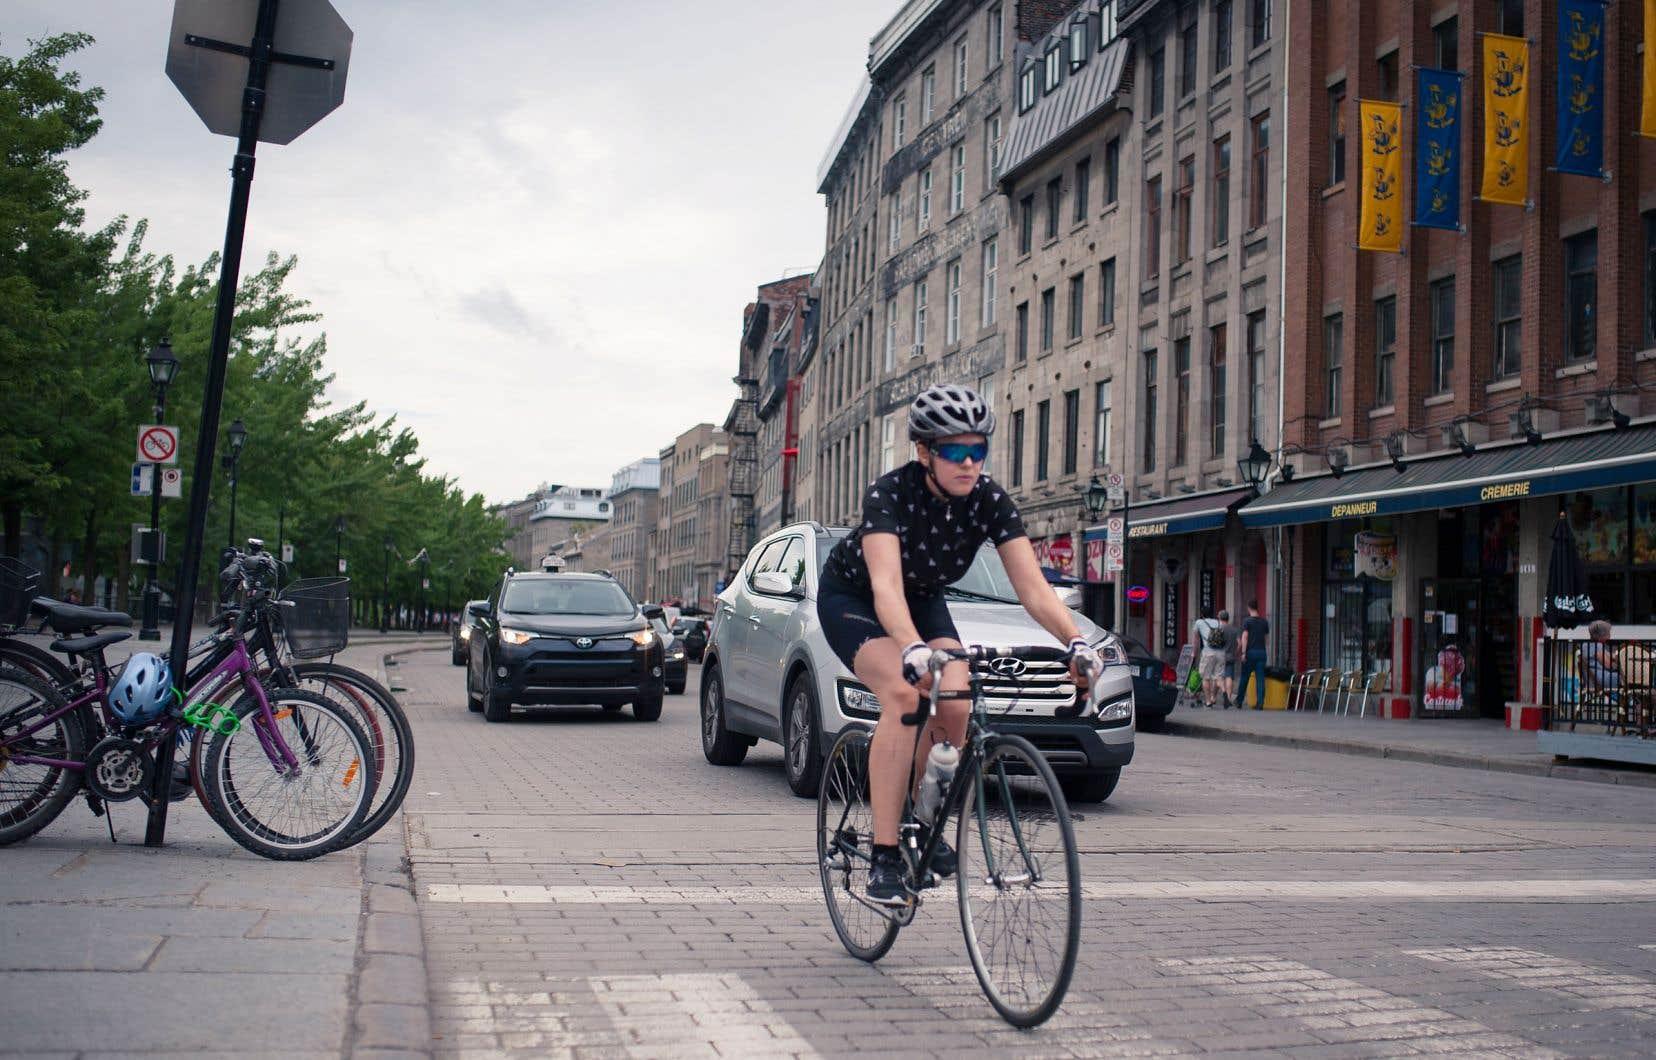 La coalition a présenté 23 propositions qui ratissent large, notamment en ce qui a trait à la promotion du transport à vélo.